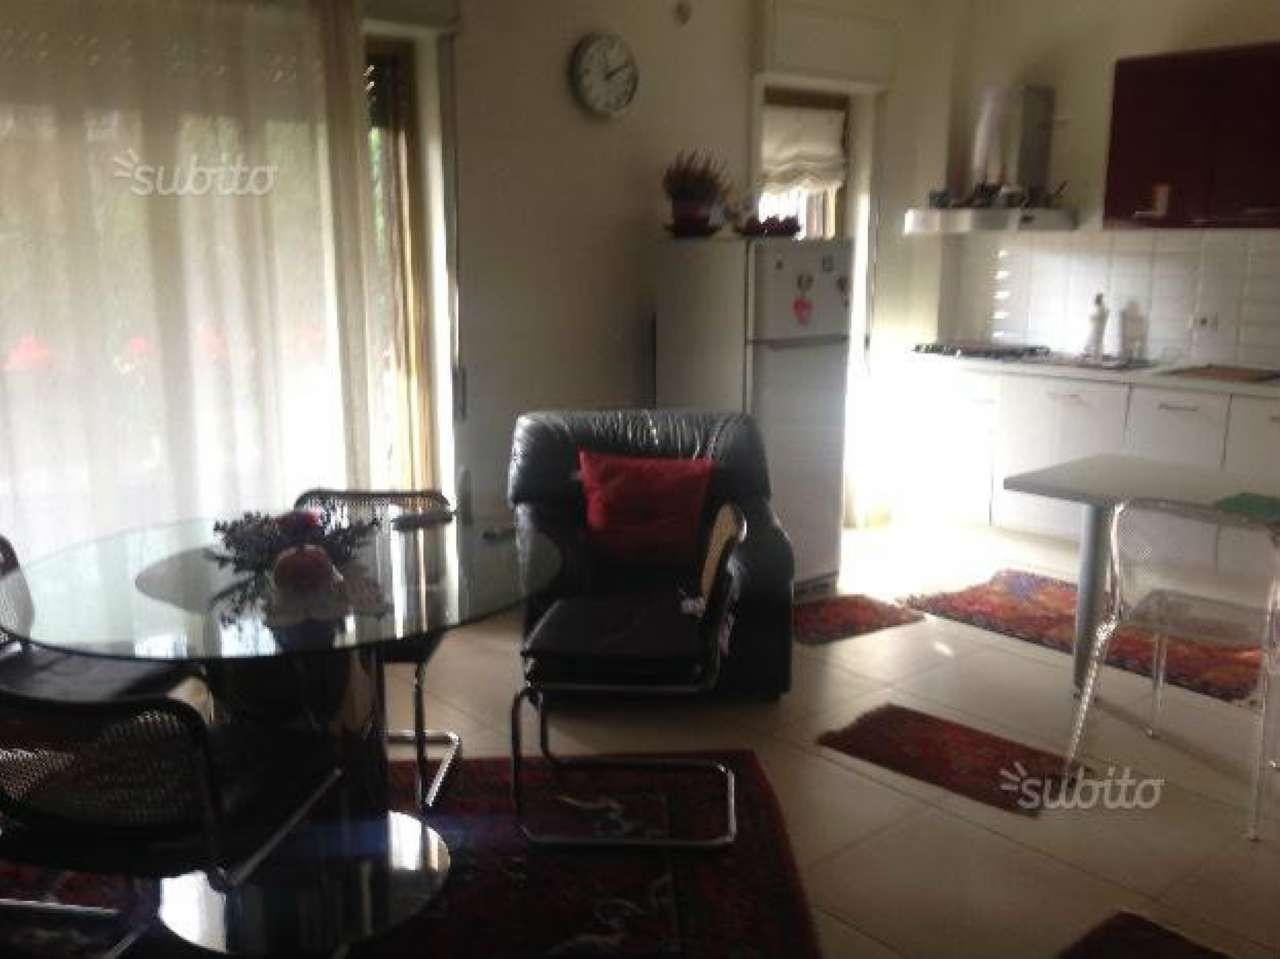 Appartamento in vendita a Tremestieri Etneo, 9999 locali, prezzo € 130.000 | Cambio Casa.it